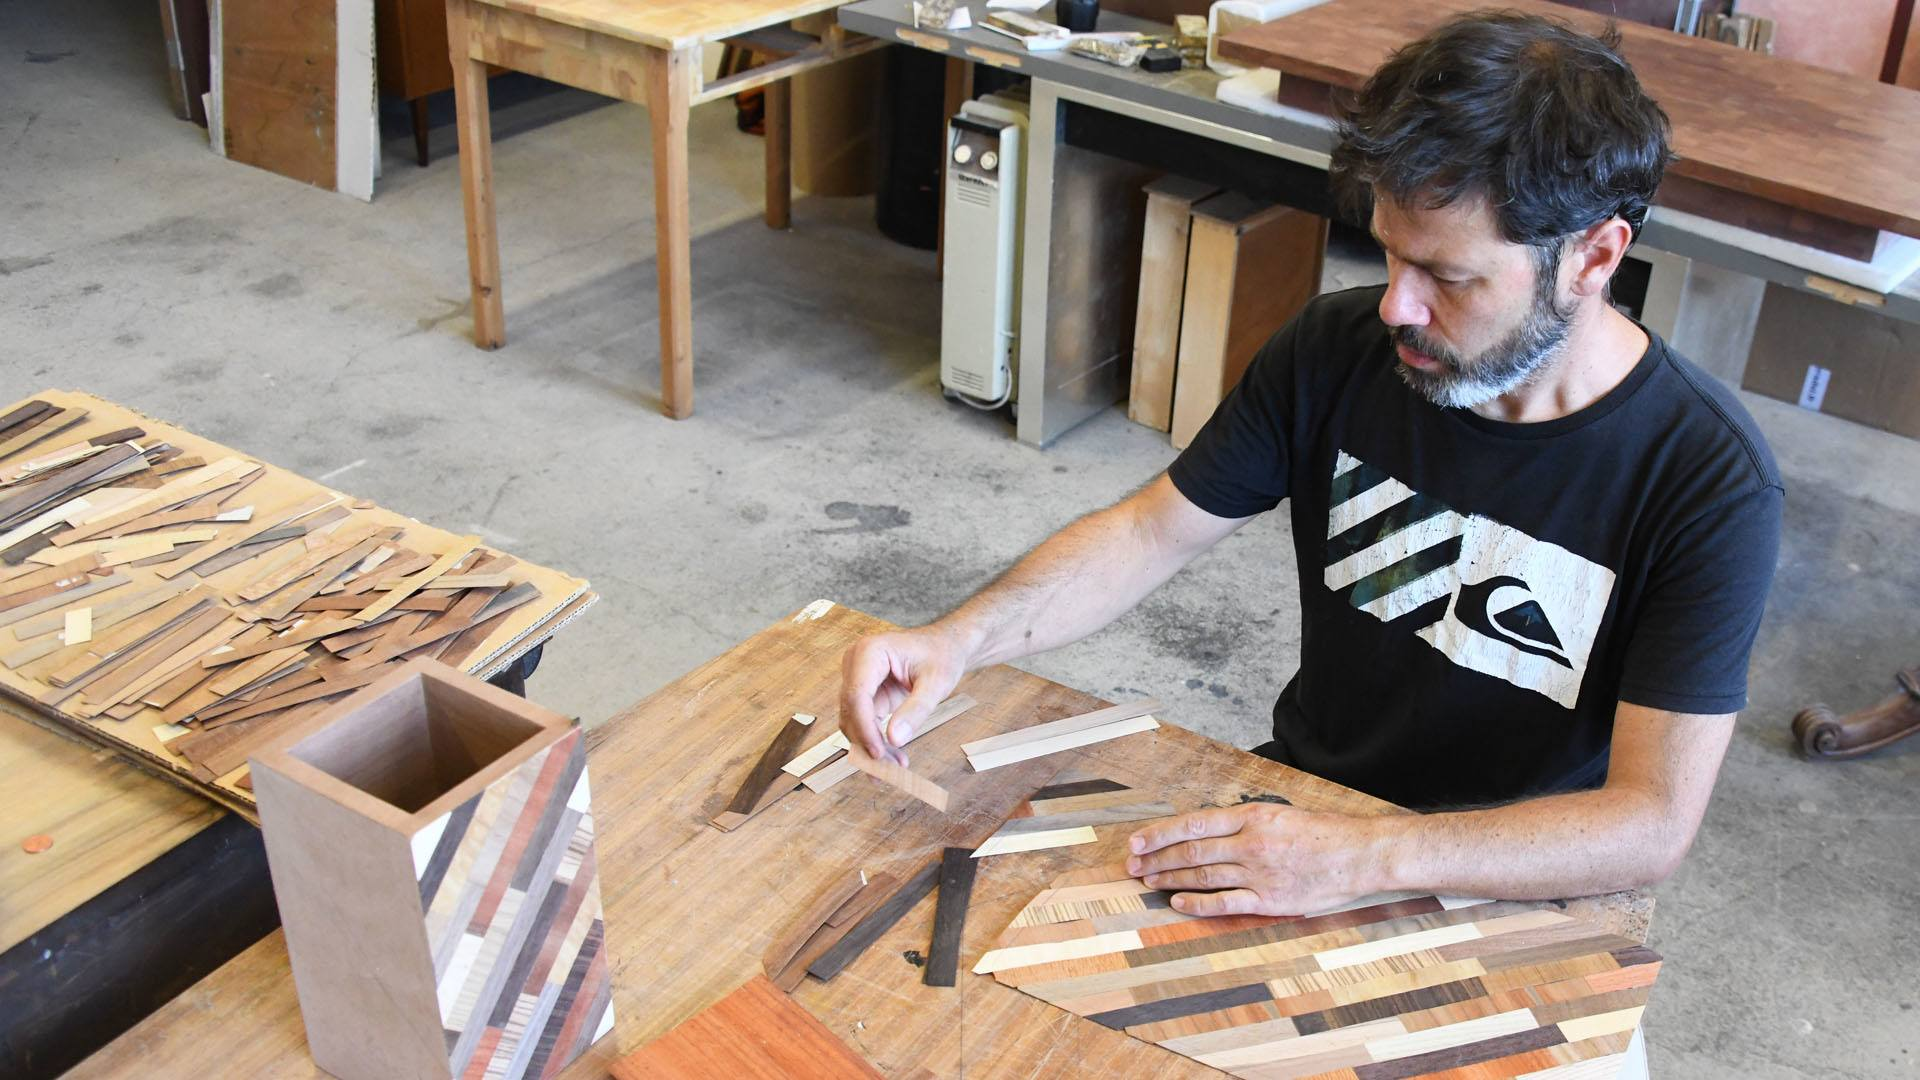 Un assemblage de petits morceaux de bois